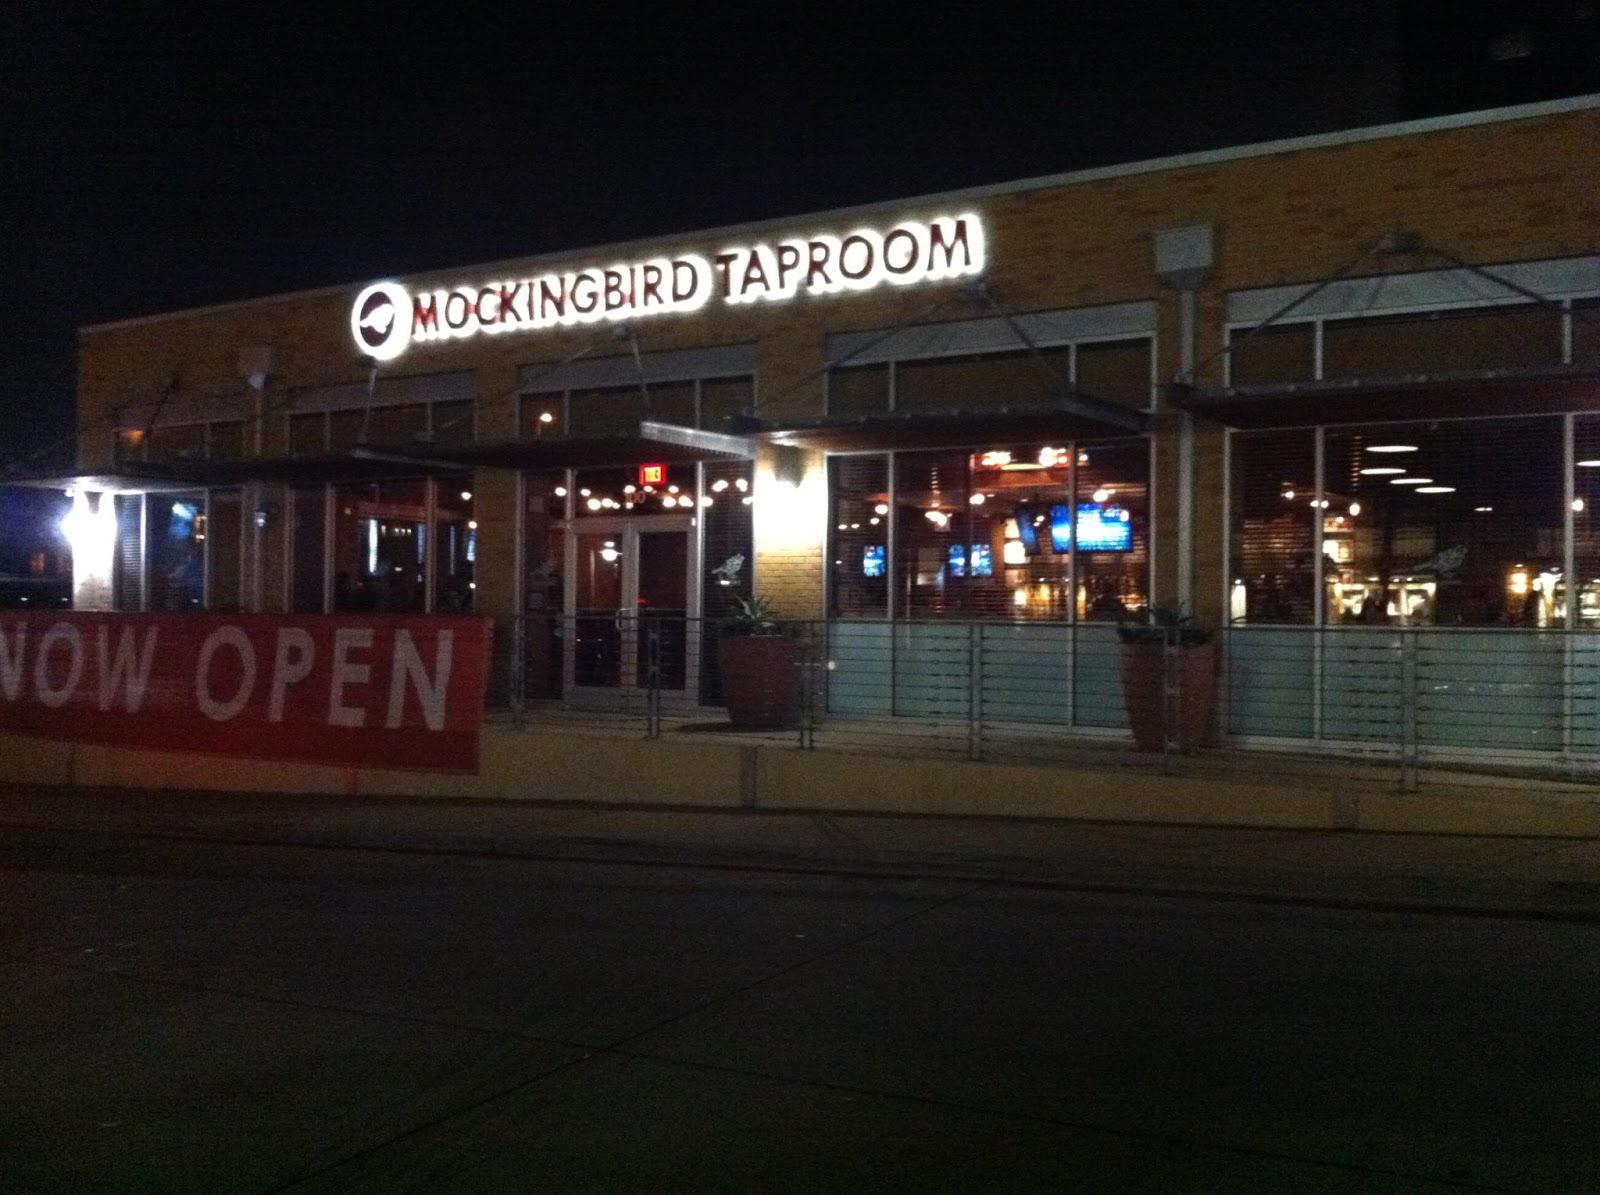 Mockingbird Taproom Dallas Restaurant BBQ Barbecue Barbeque Bar-B-Que